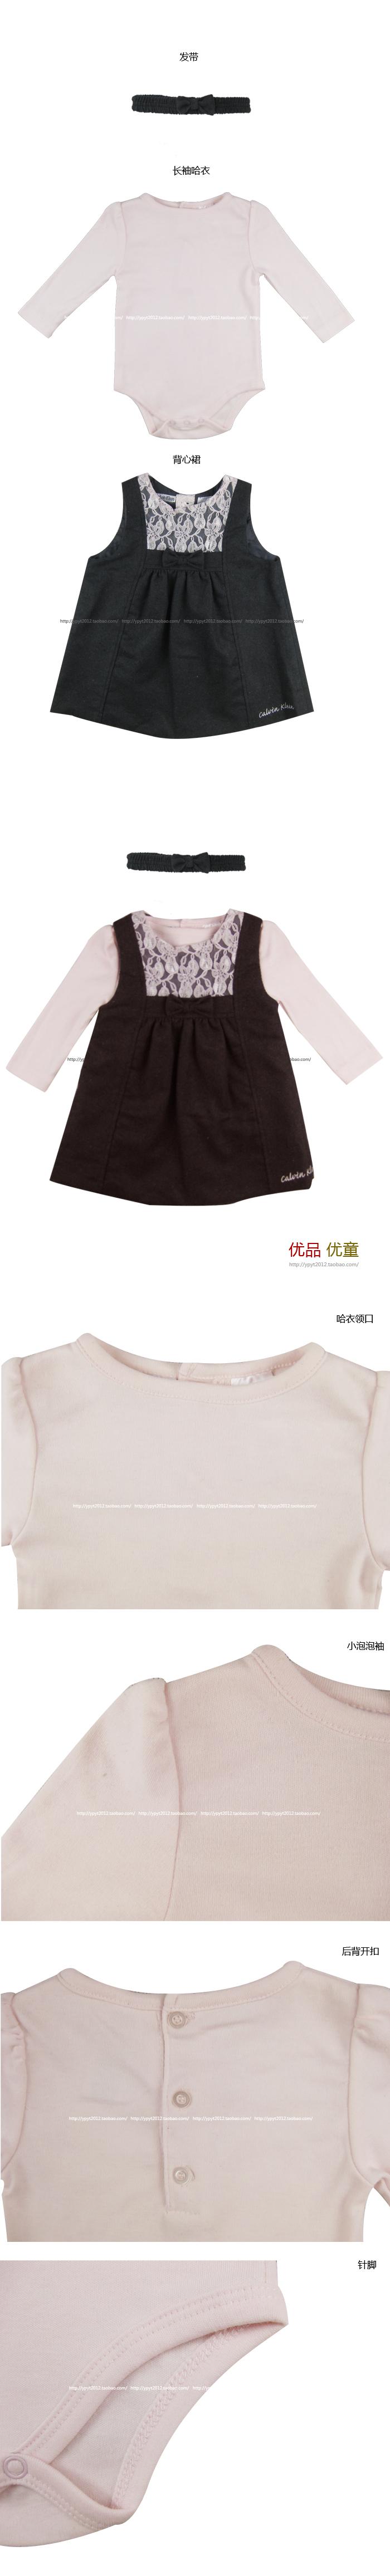 детский костюм OTHER 652341 Calvin Klein Шерсть Весна-осень Девушки